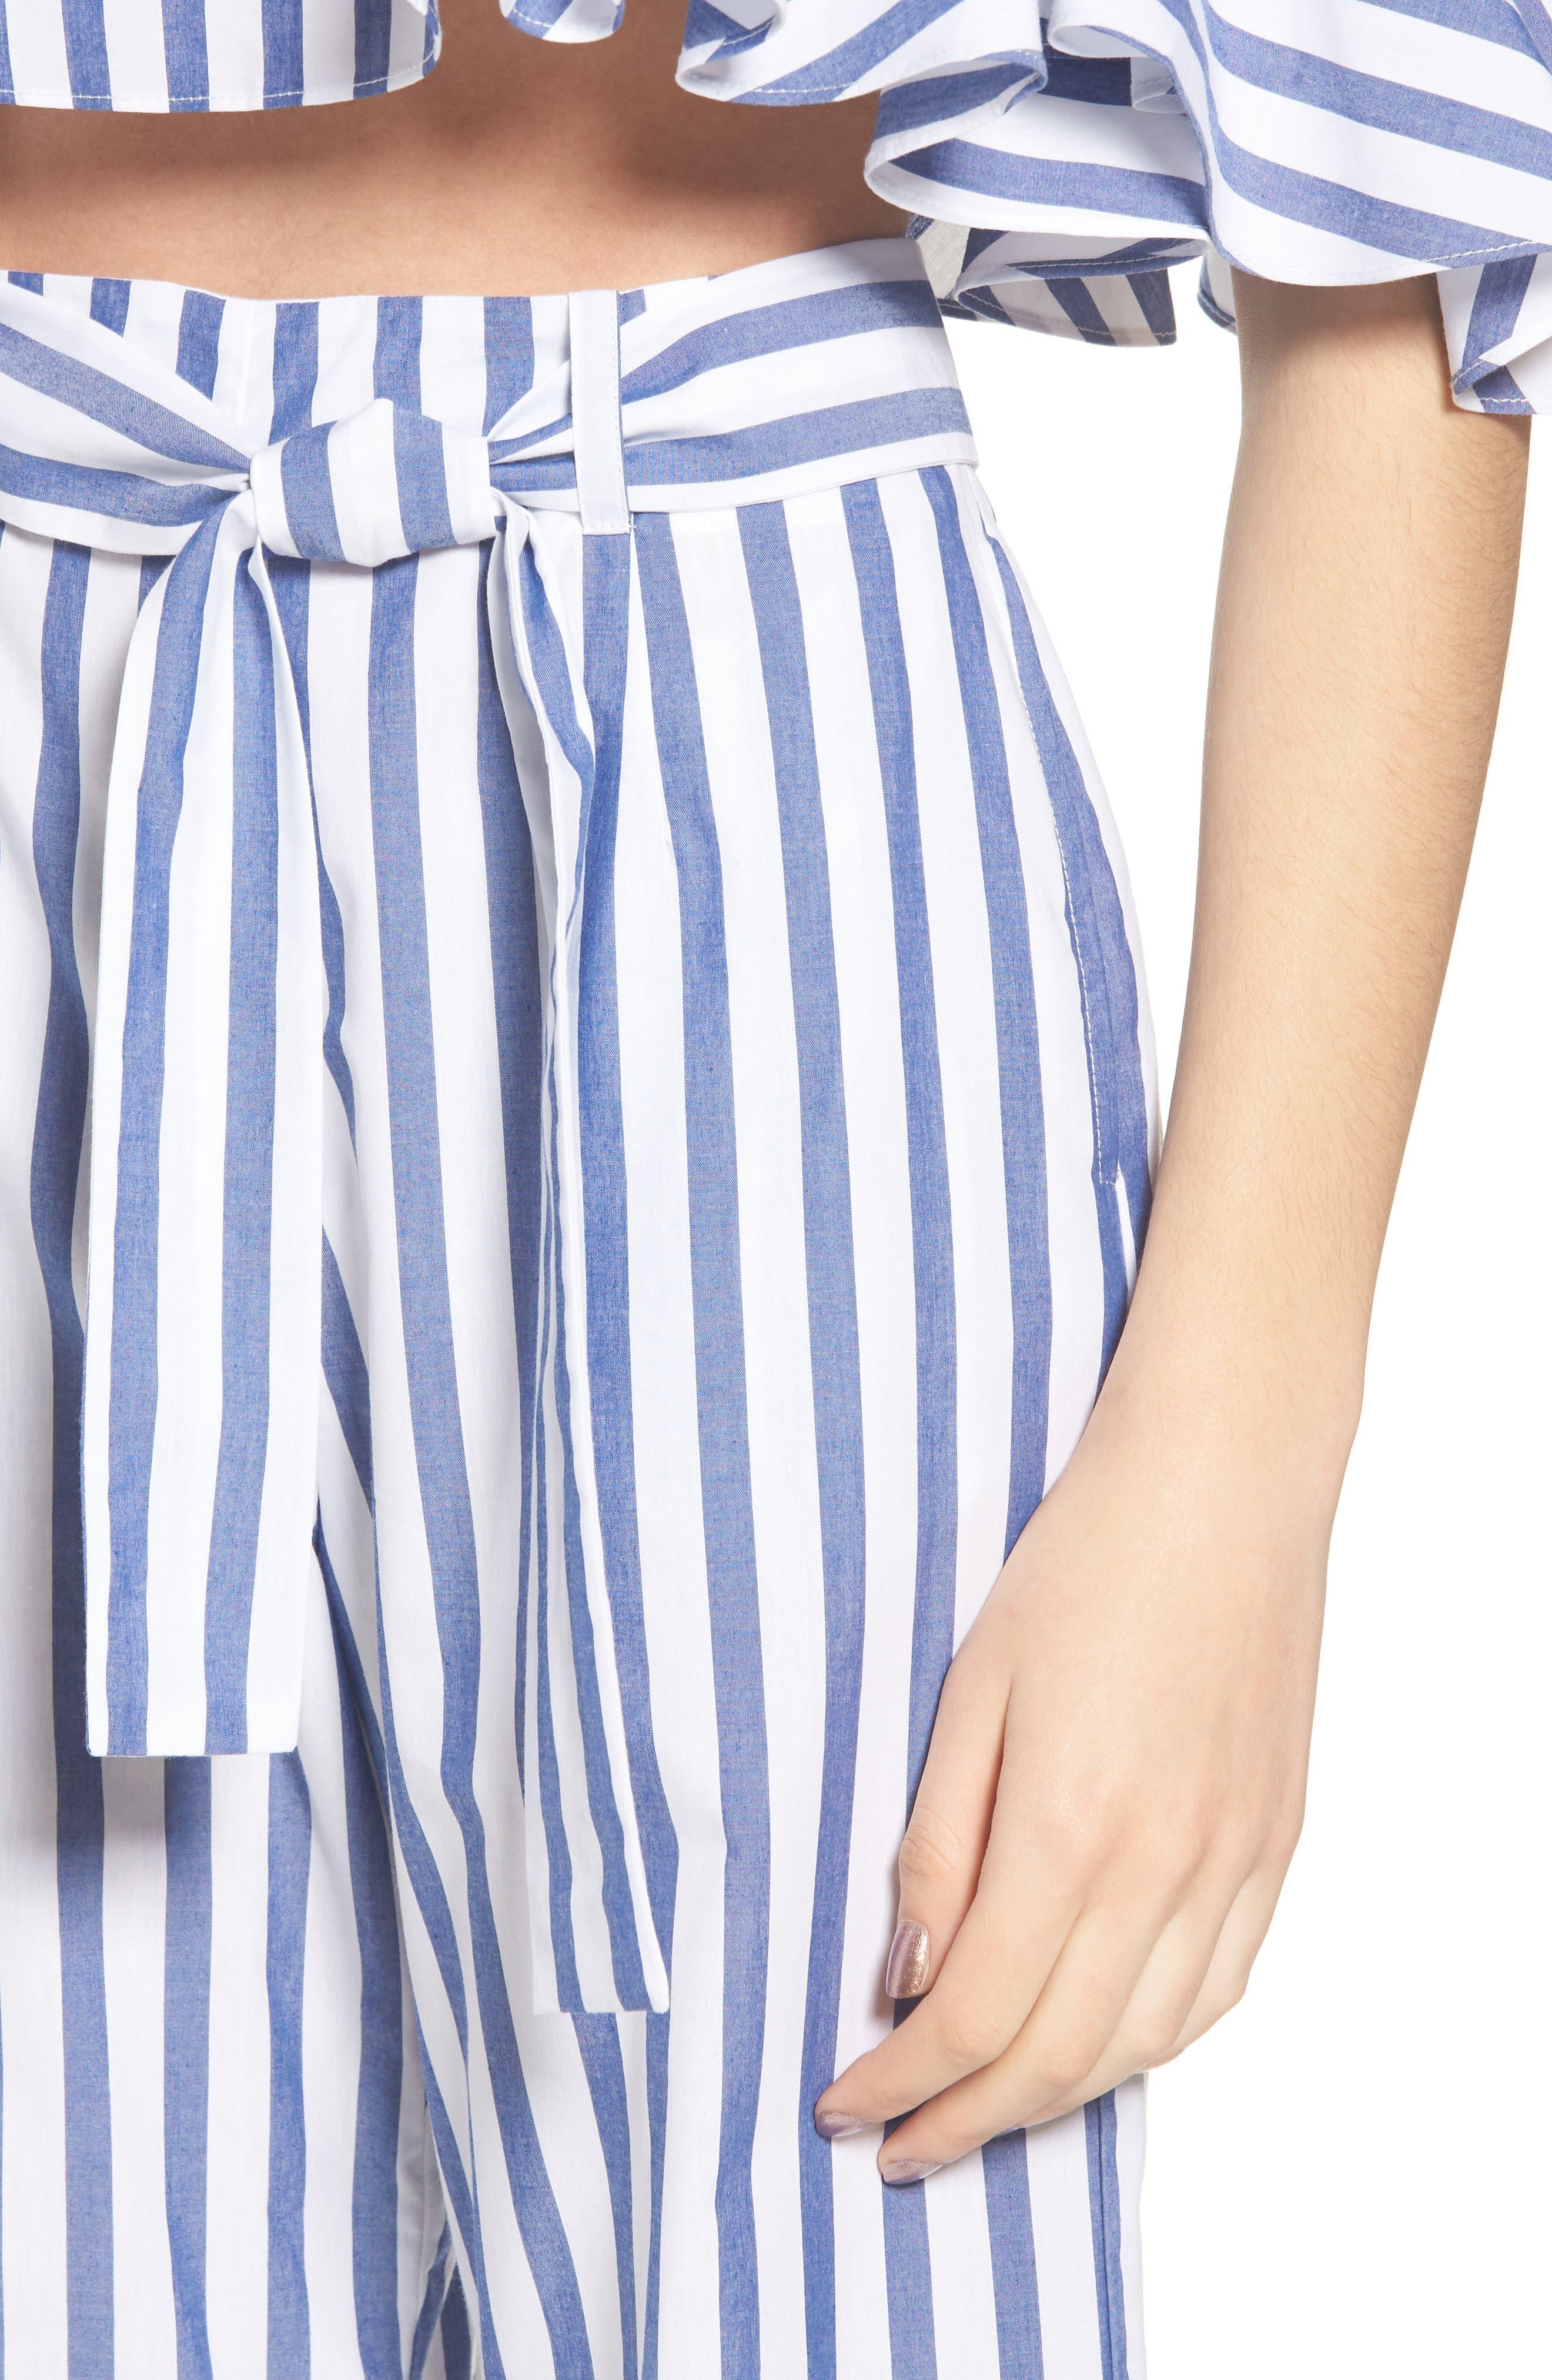 Aversa Crop Wide Leg Pants,                             Alternate thumbnail 5, color,                             Navy Stripe